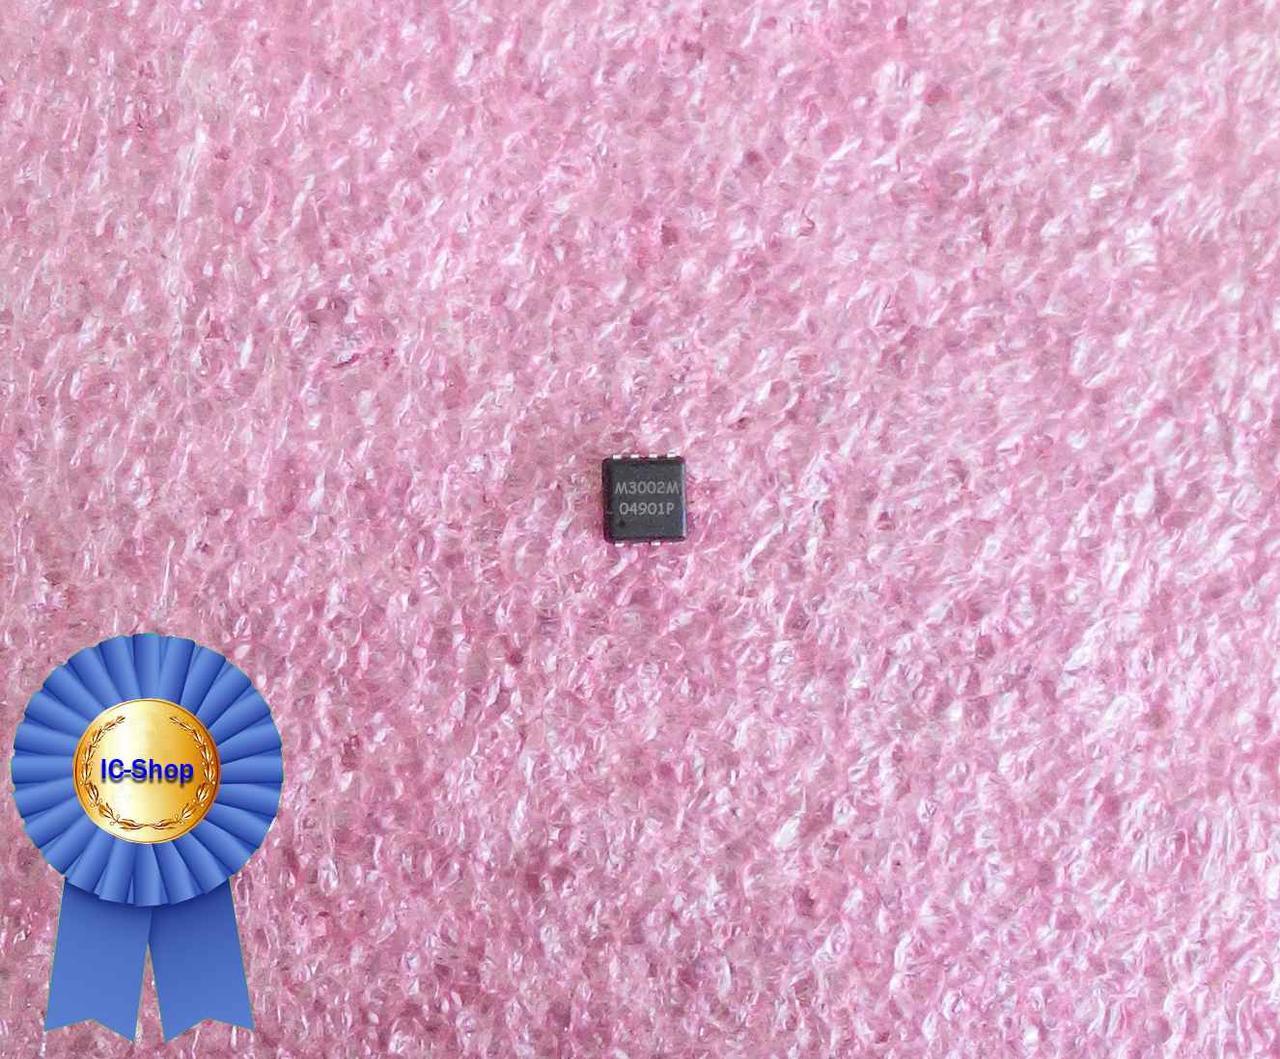 Микросхема QM3002M ( M3002M )